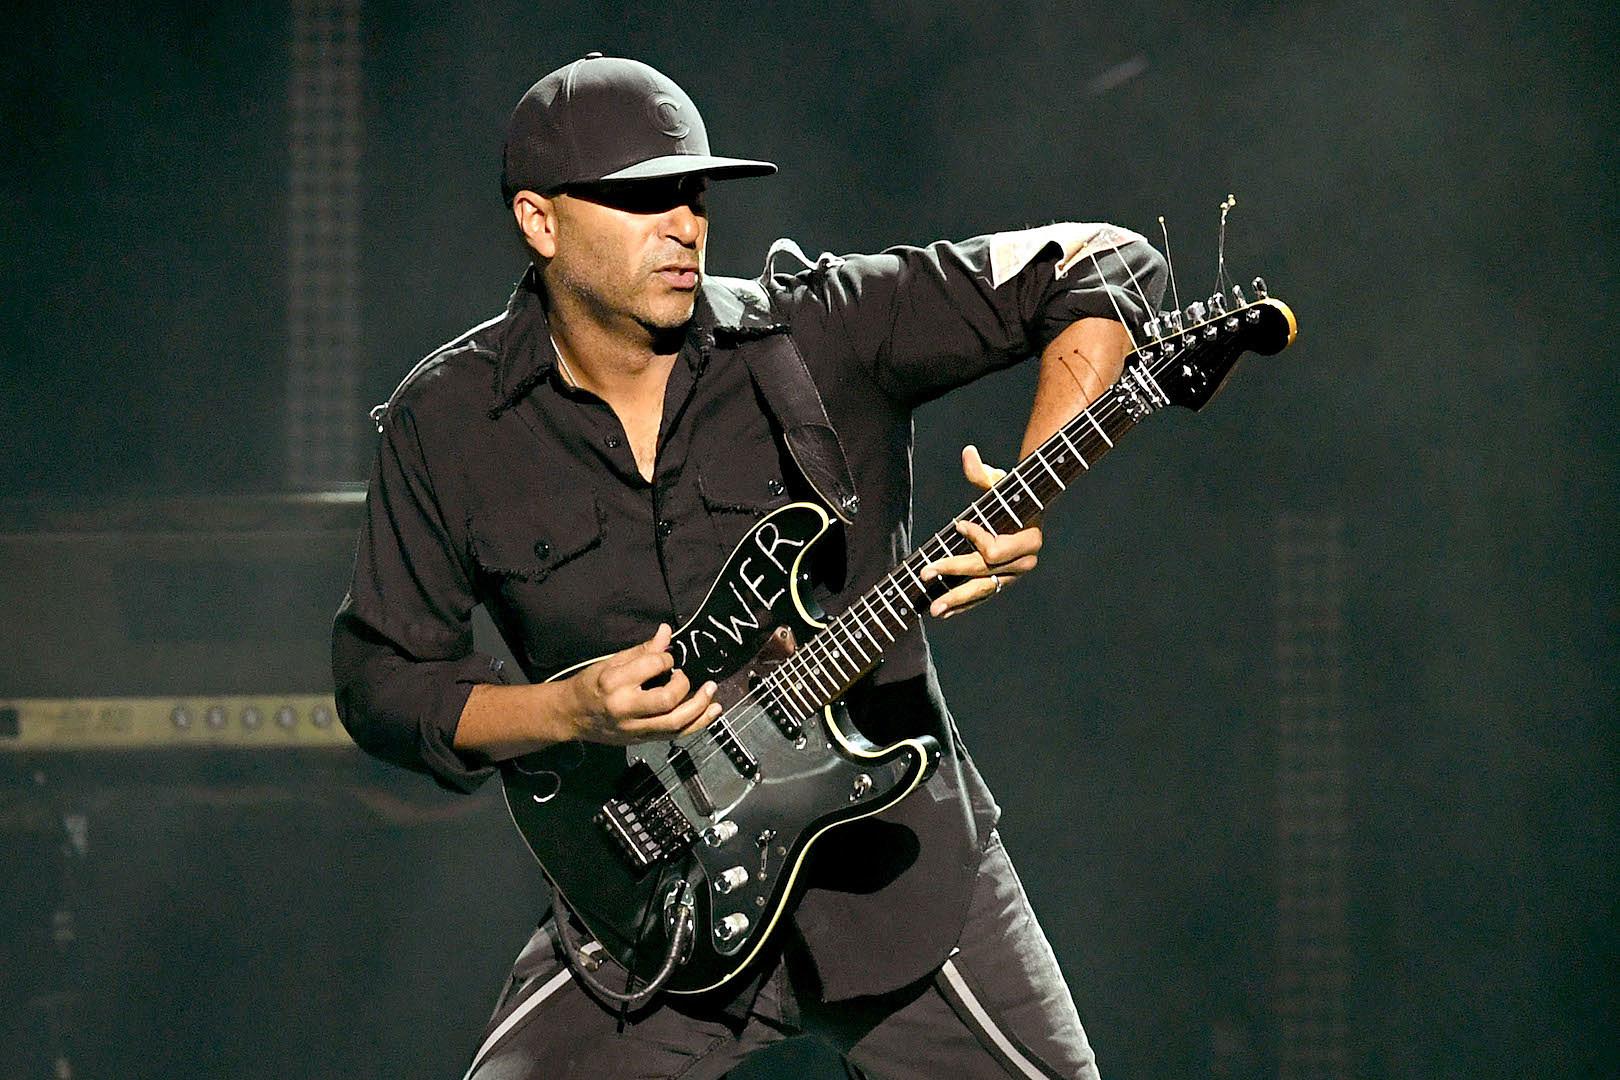 Serj Tankian Joins Tom Morello for Chris Cornell Tribute